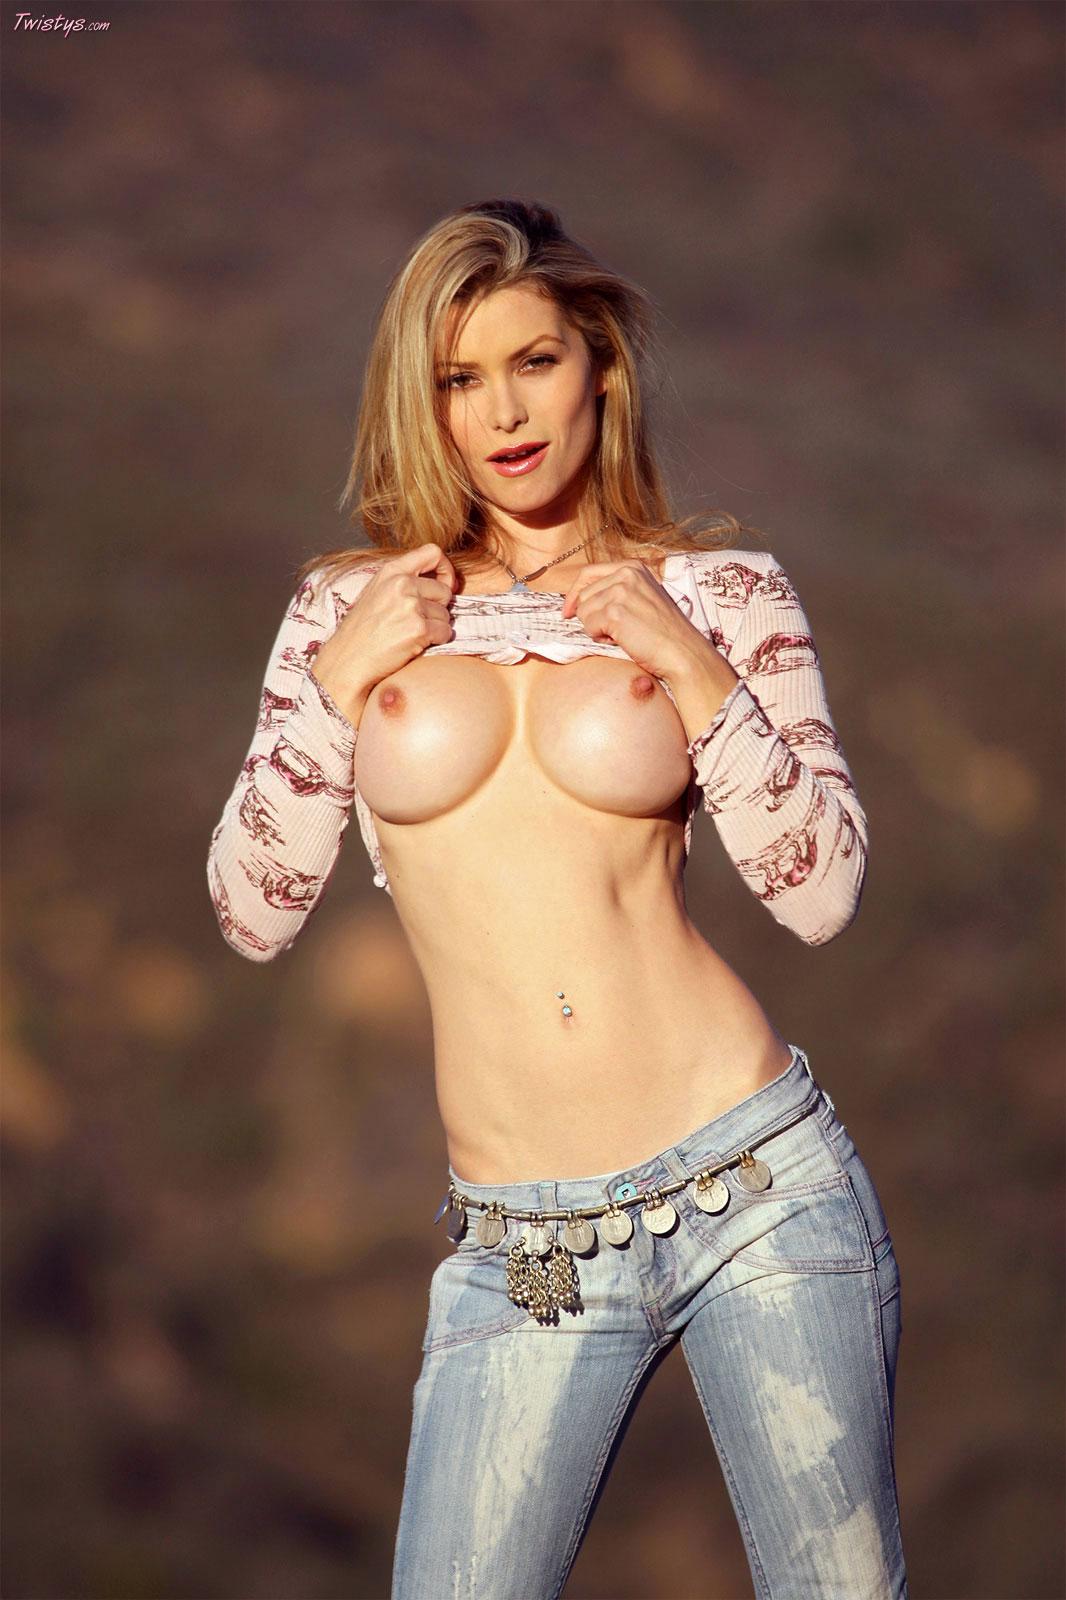 Masturbating my tight pussy 6